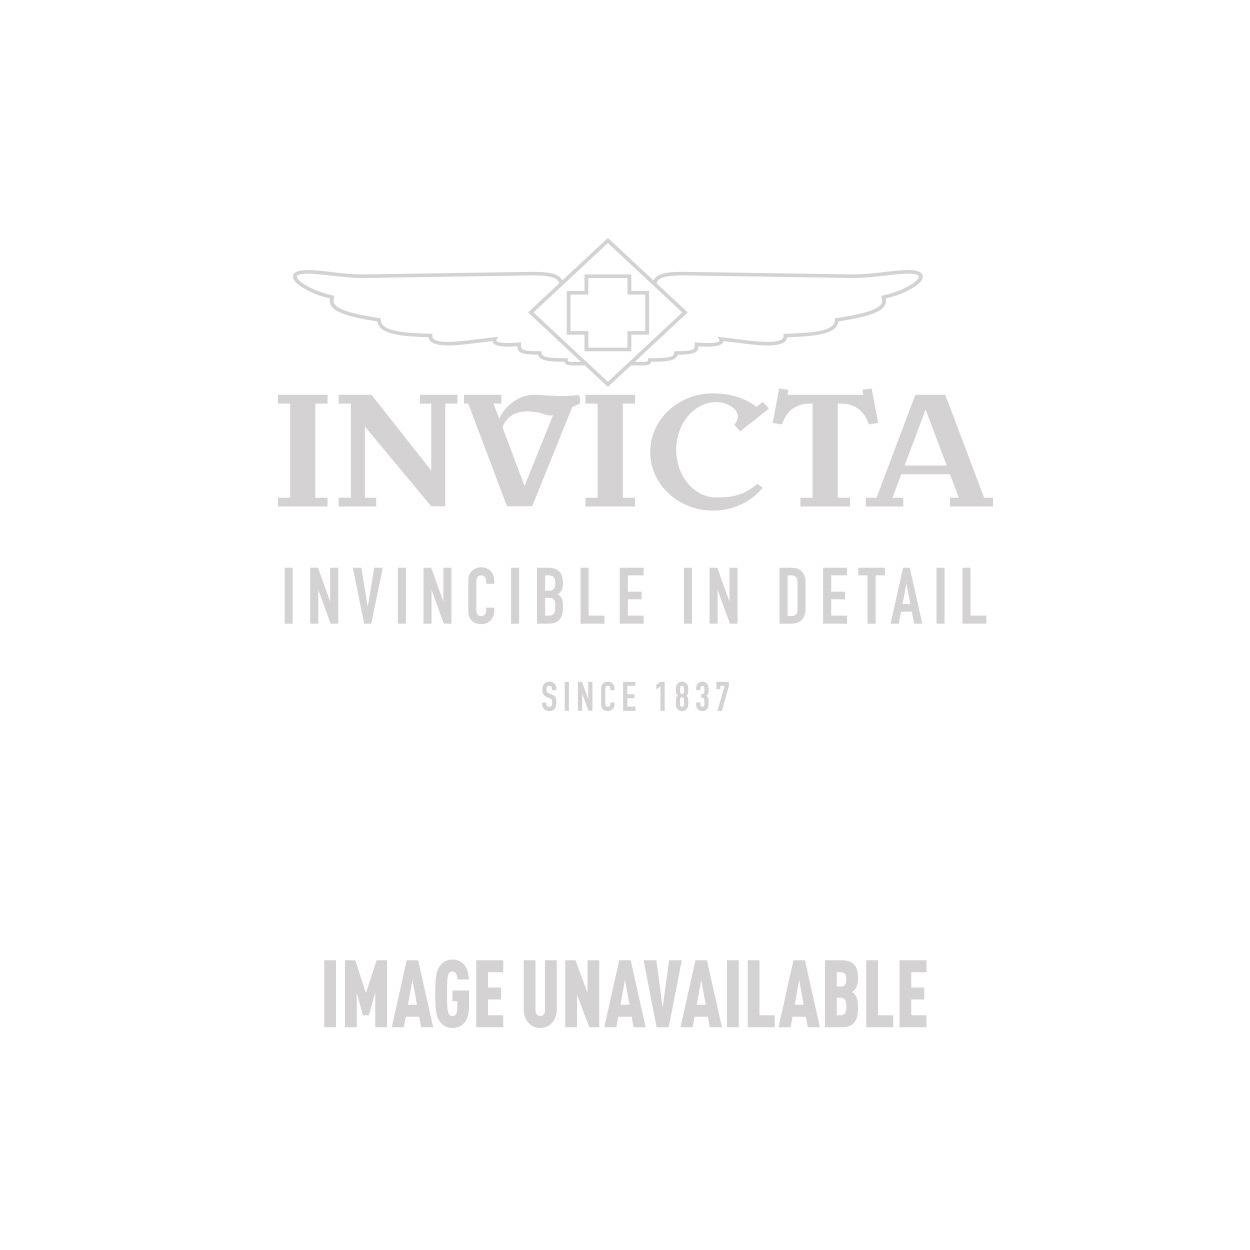 Invicta Model 23950